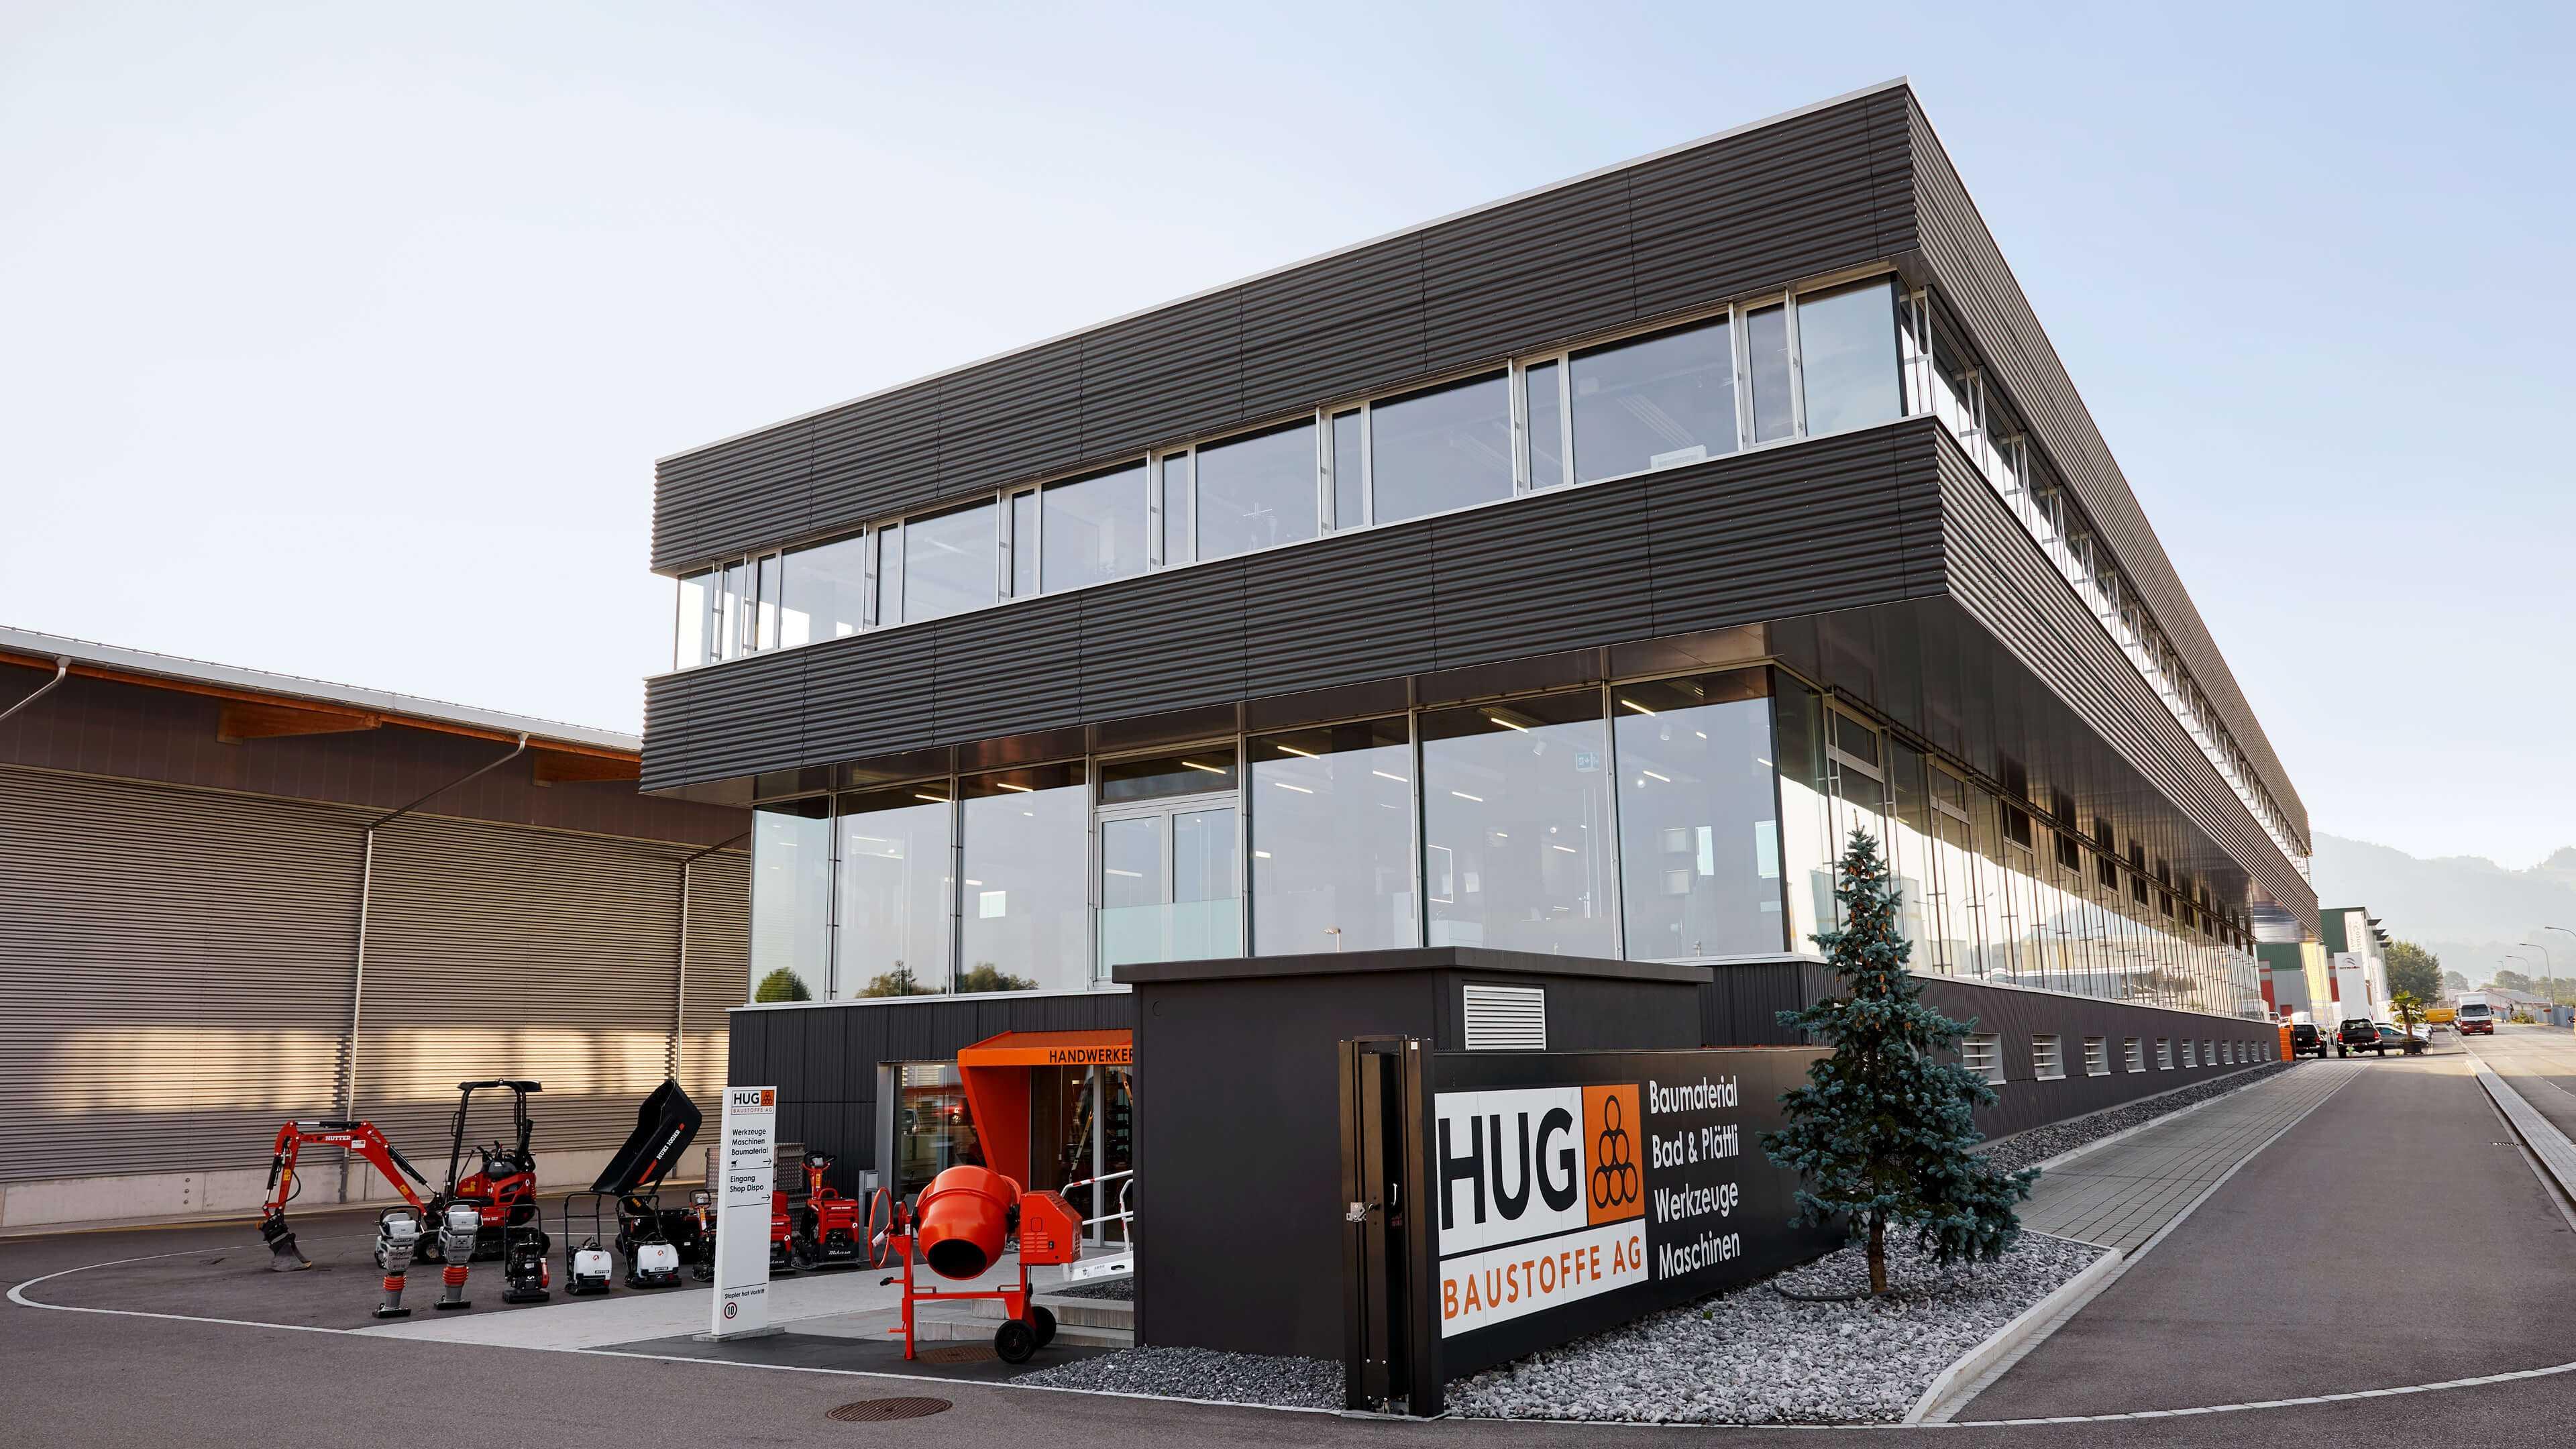 163274 Hug Baustoffe Locations4700 DL